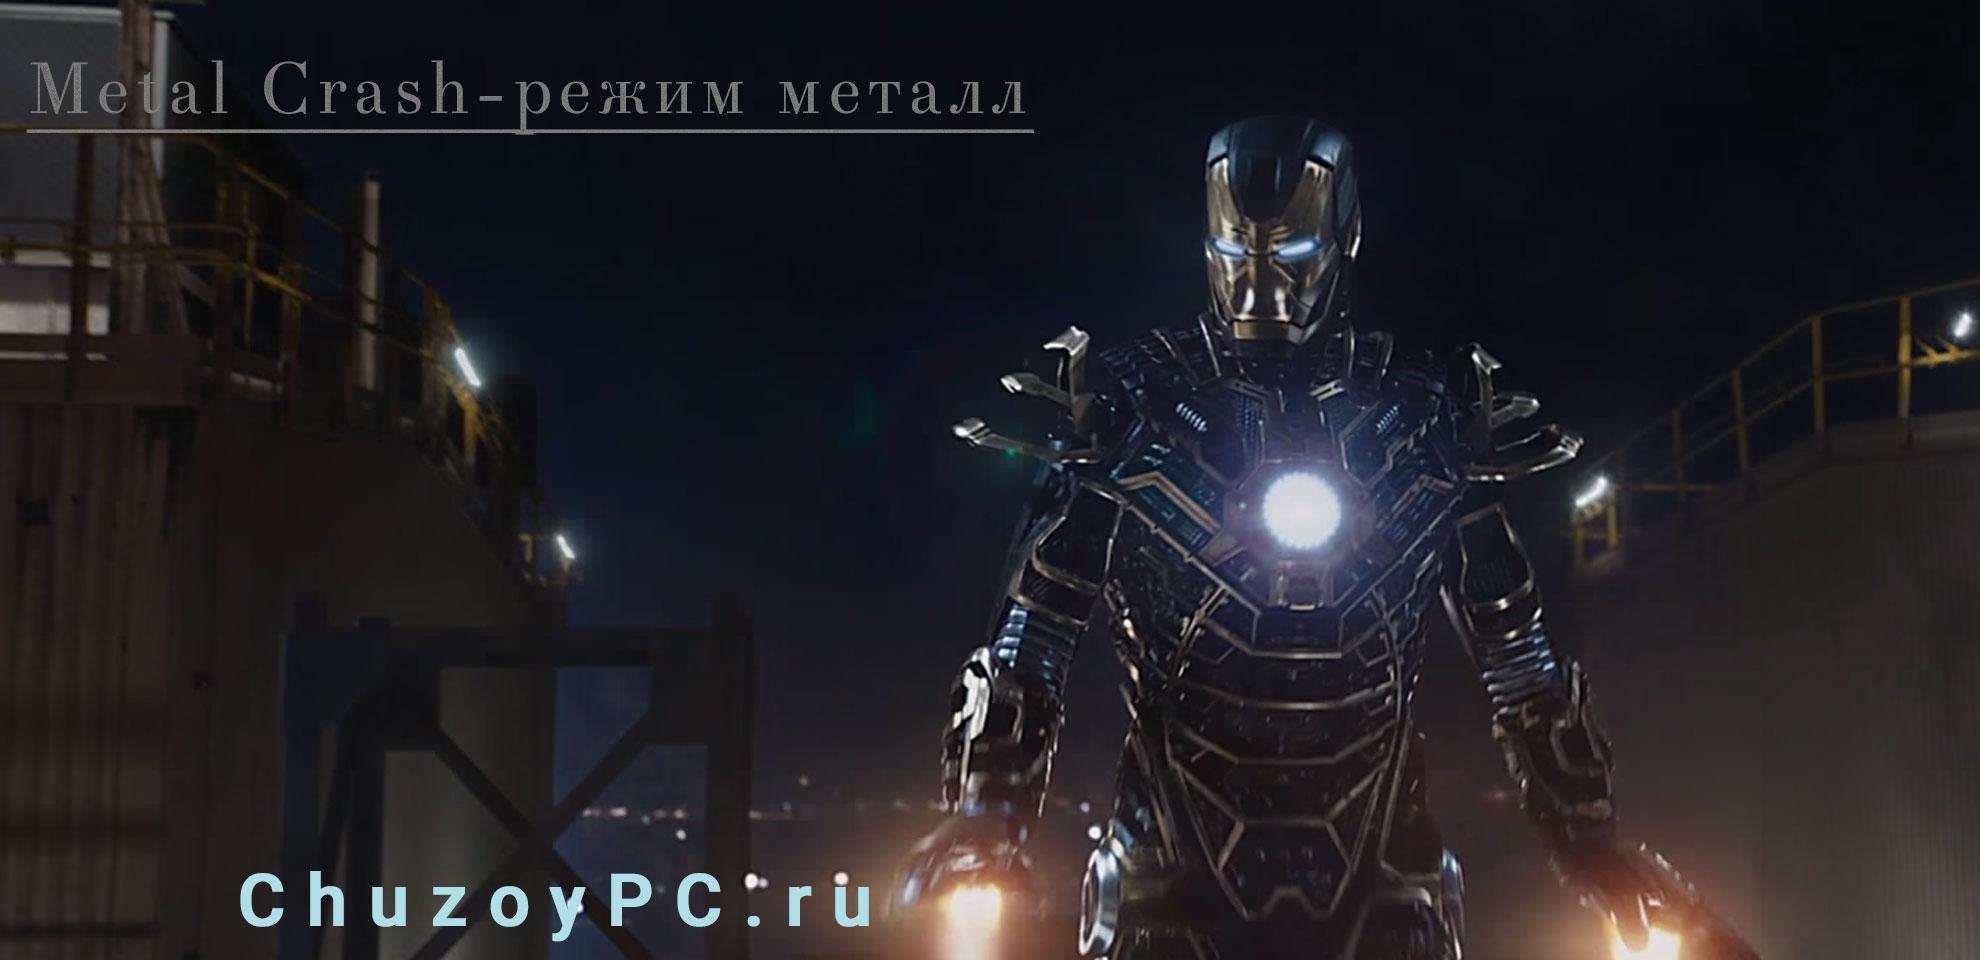 metal-crash-chuzoypc-2